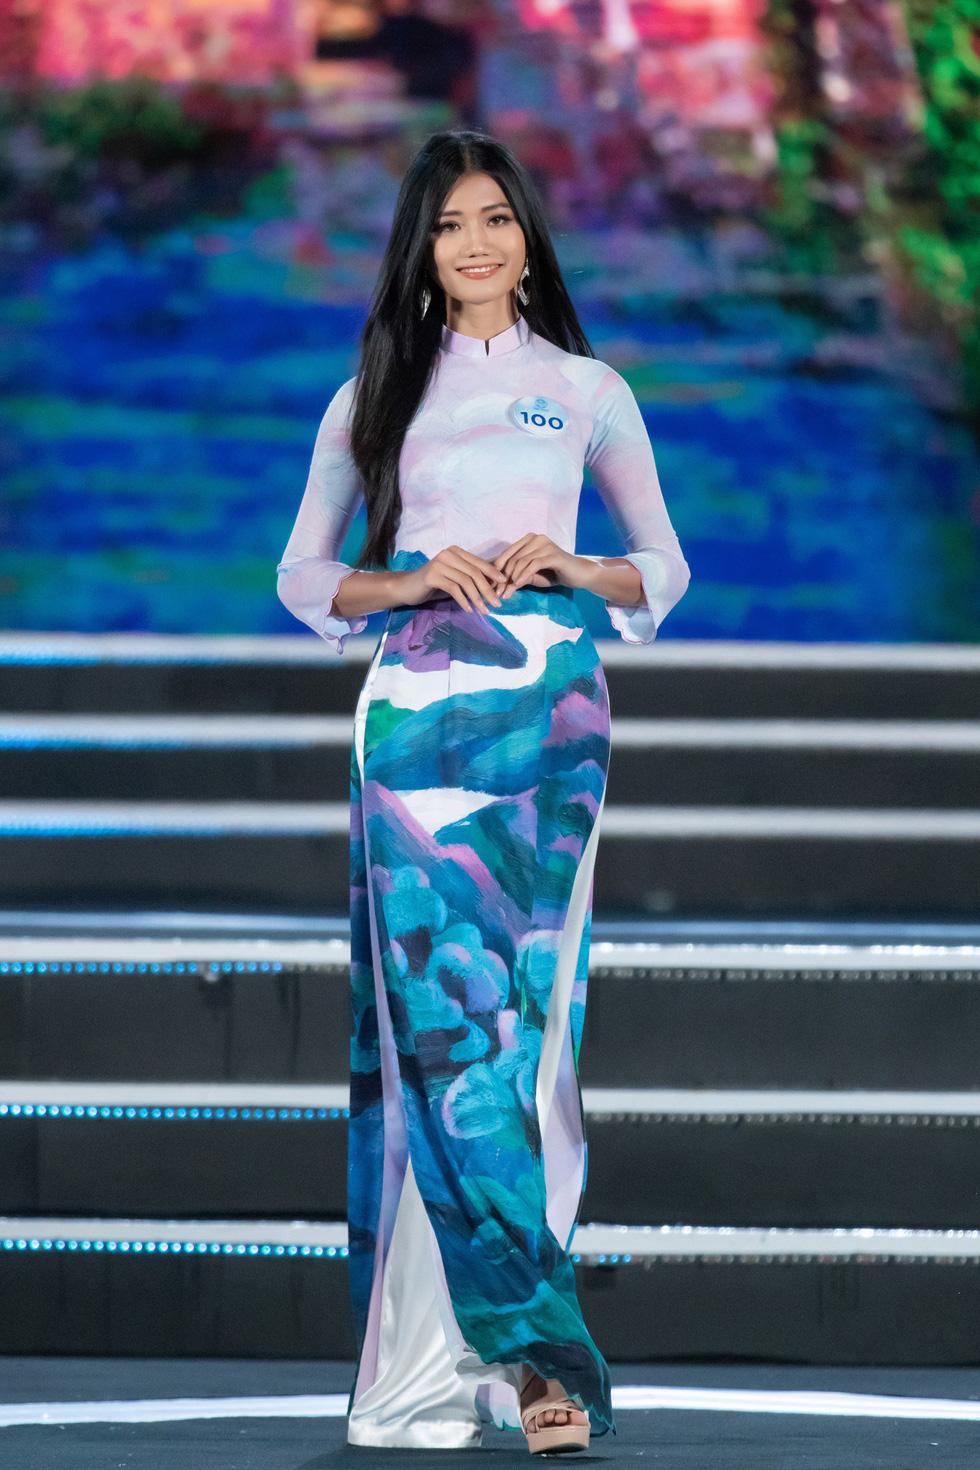 Bộ sưu tập áo dài đèo Hải Vân giúp Lương Thùy Linh đăng quang - Ảnh 8.